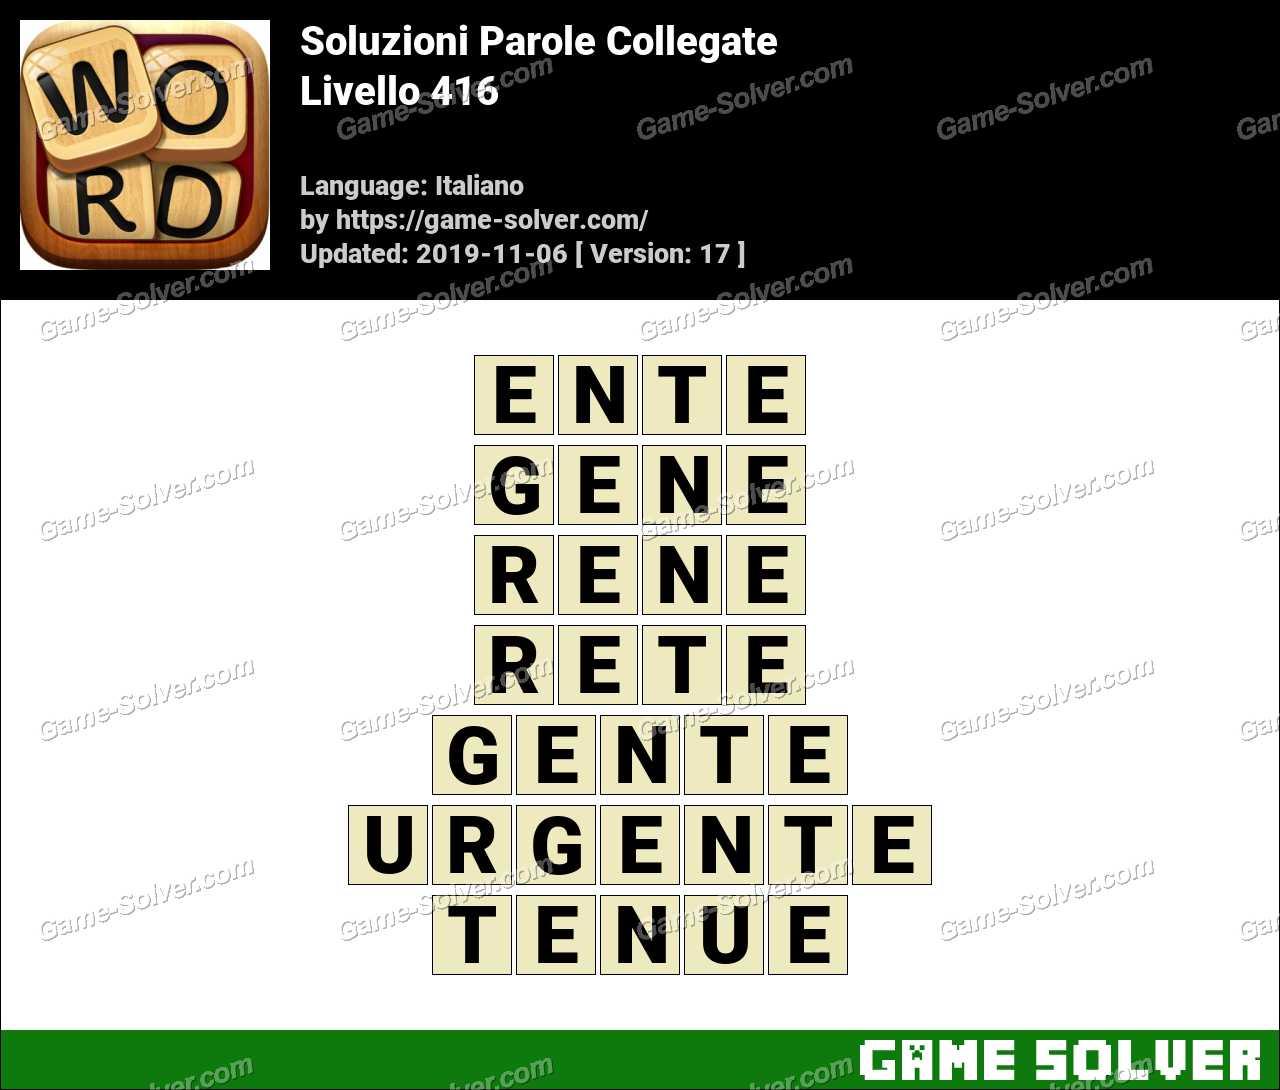 Soluzioni Parole Collegate Livello 416